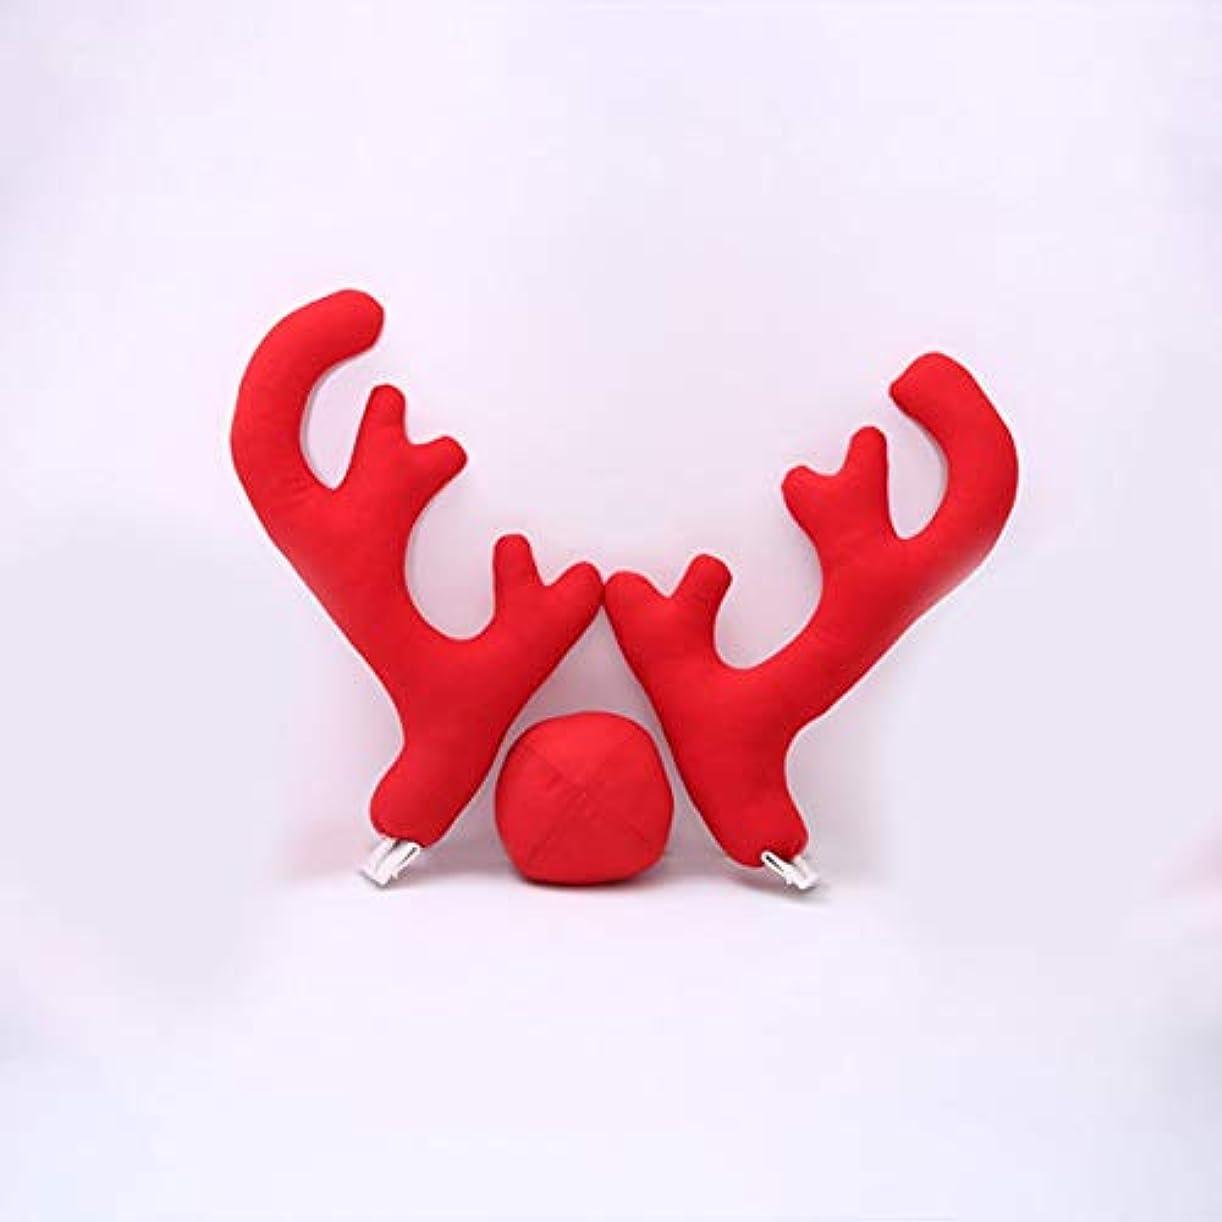 オーロック優勢カナダSaikogoods 2アントラーズ1枚のトナカイ鼻2 Mirrowカバーで新しいデザインクリエイティブクリスマスオートカーコスチュームの装飾フルセット 赤